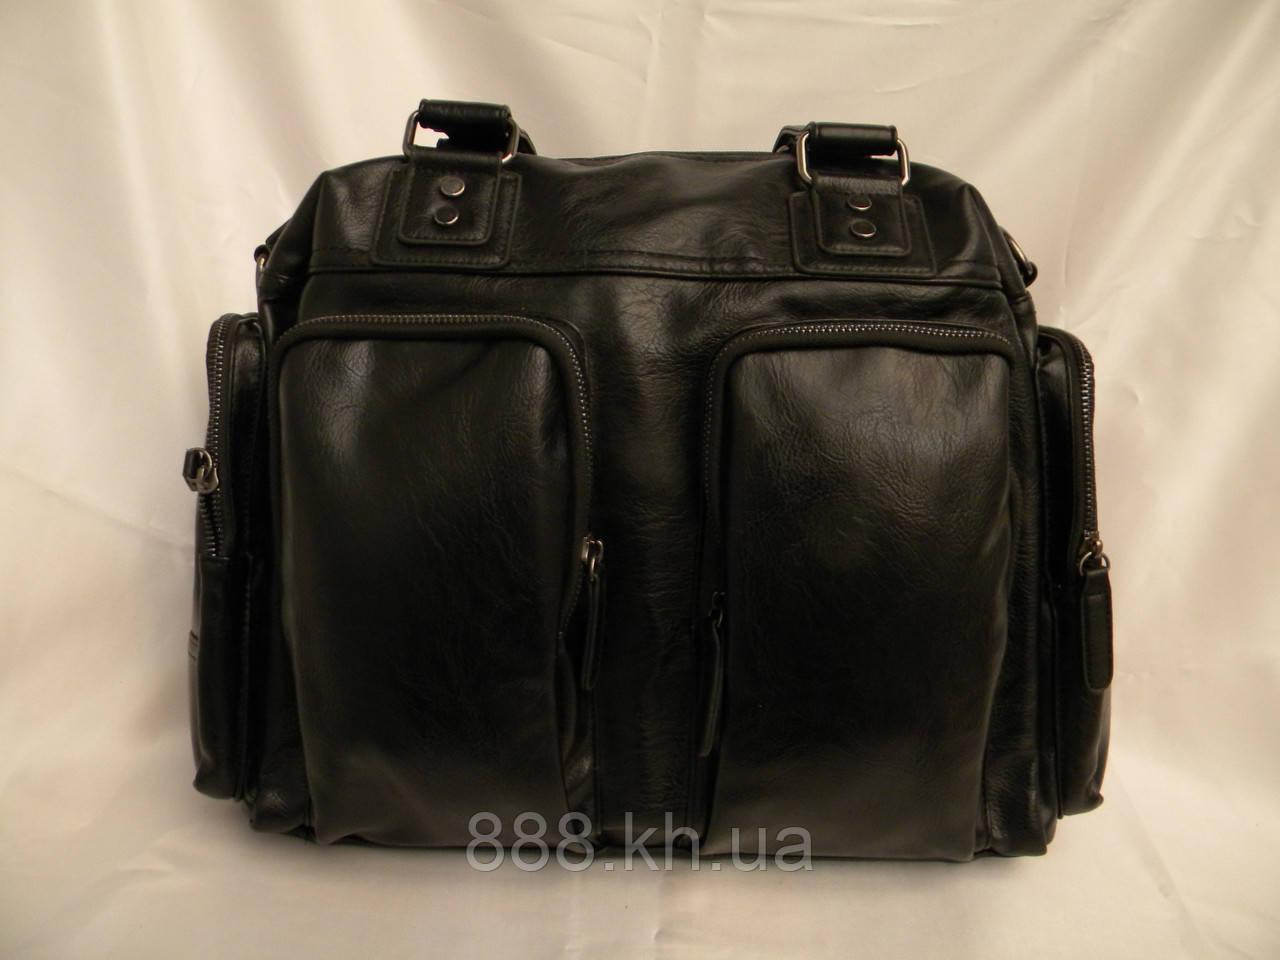 1b36e2009343 Кожаная мужская сумка, дорожная мужская сумка, городская сумка, прочная  сумка, качественная сумка